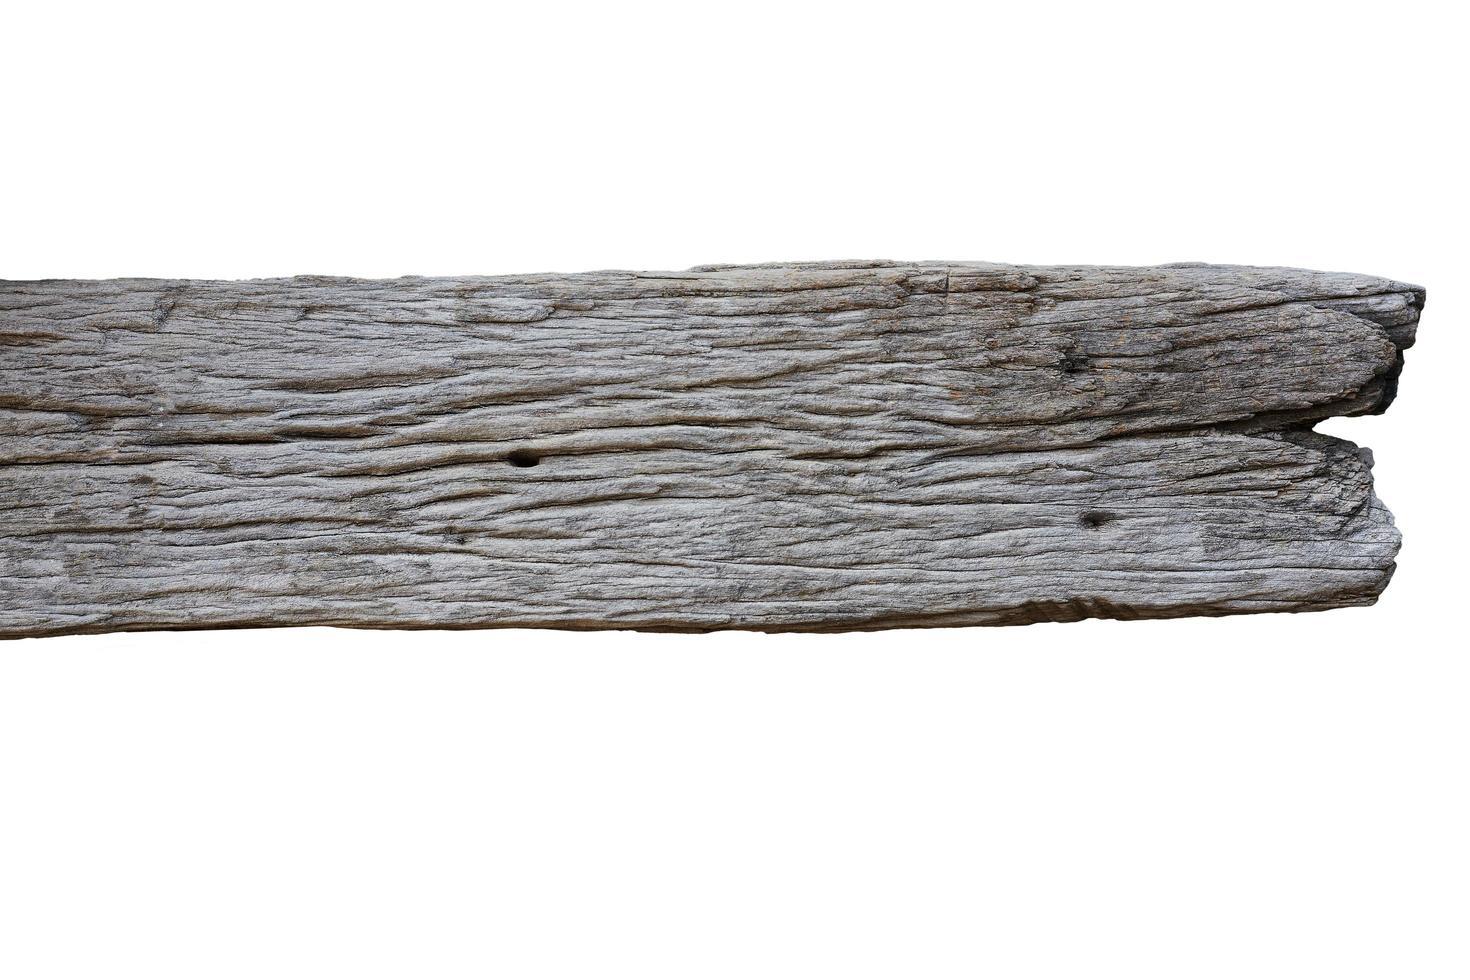 tavola di legno rustica foto